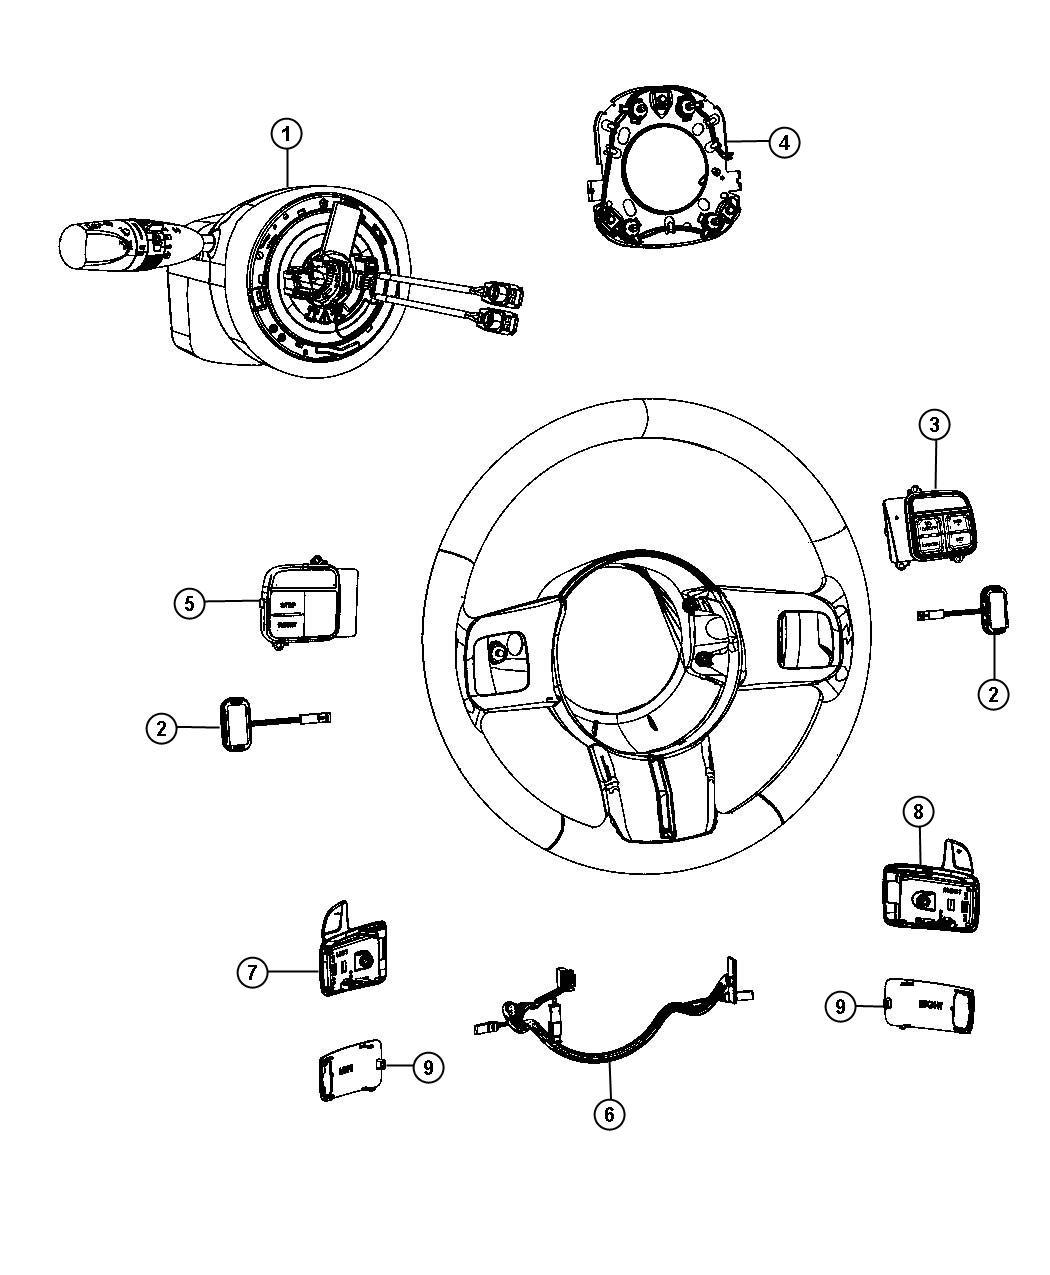 2013 Jeep Grand Cherokee Wiring. Steering wheel. Export